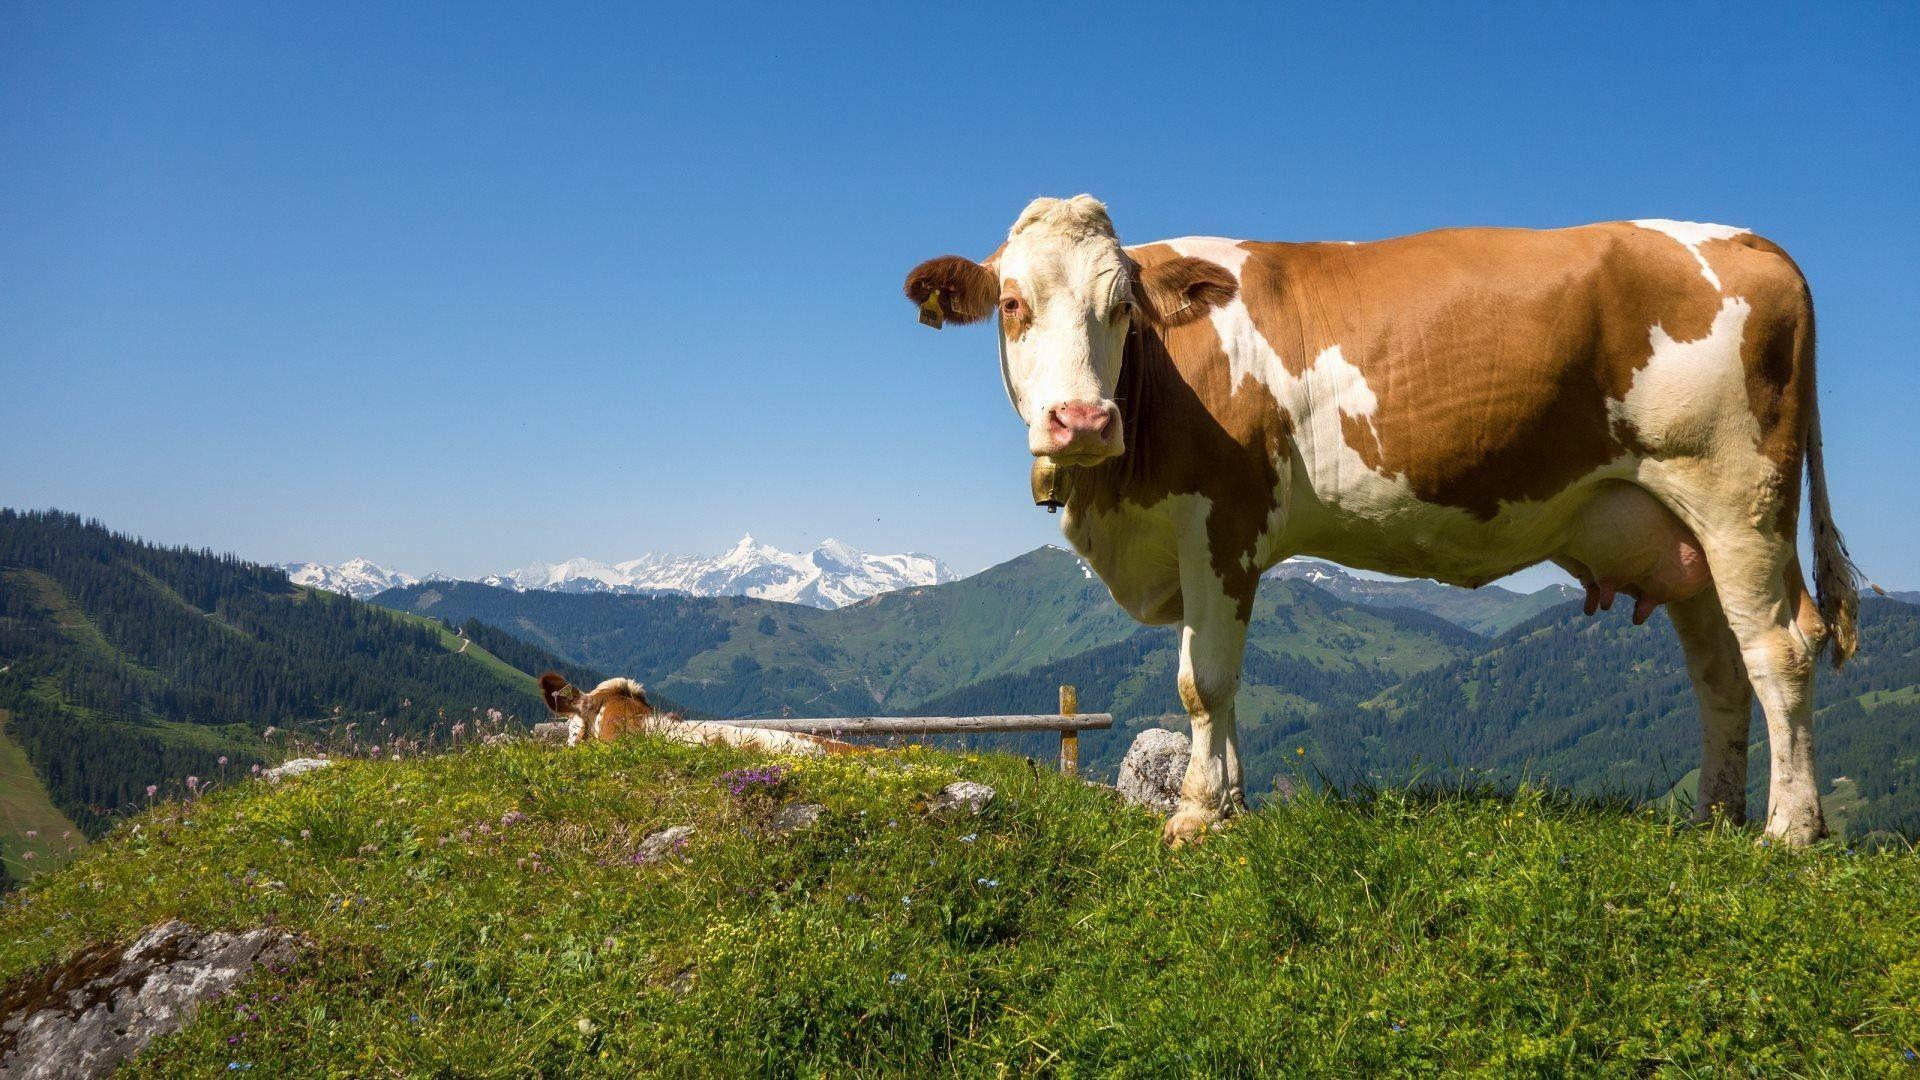 photos of cow